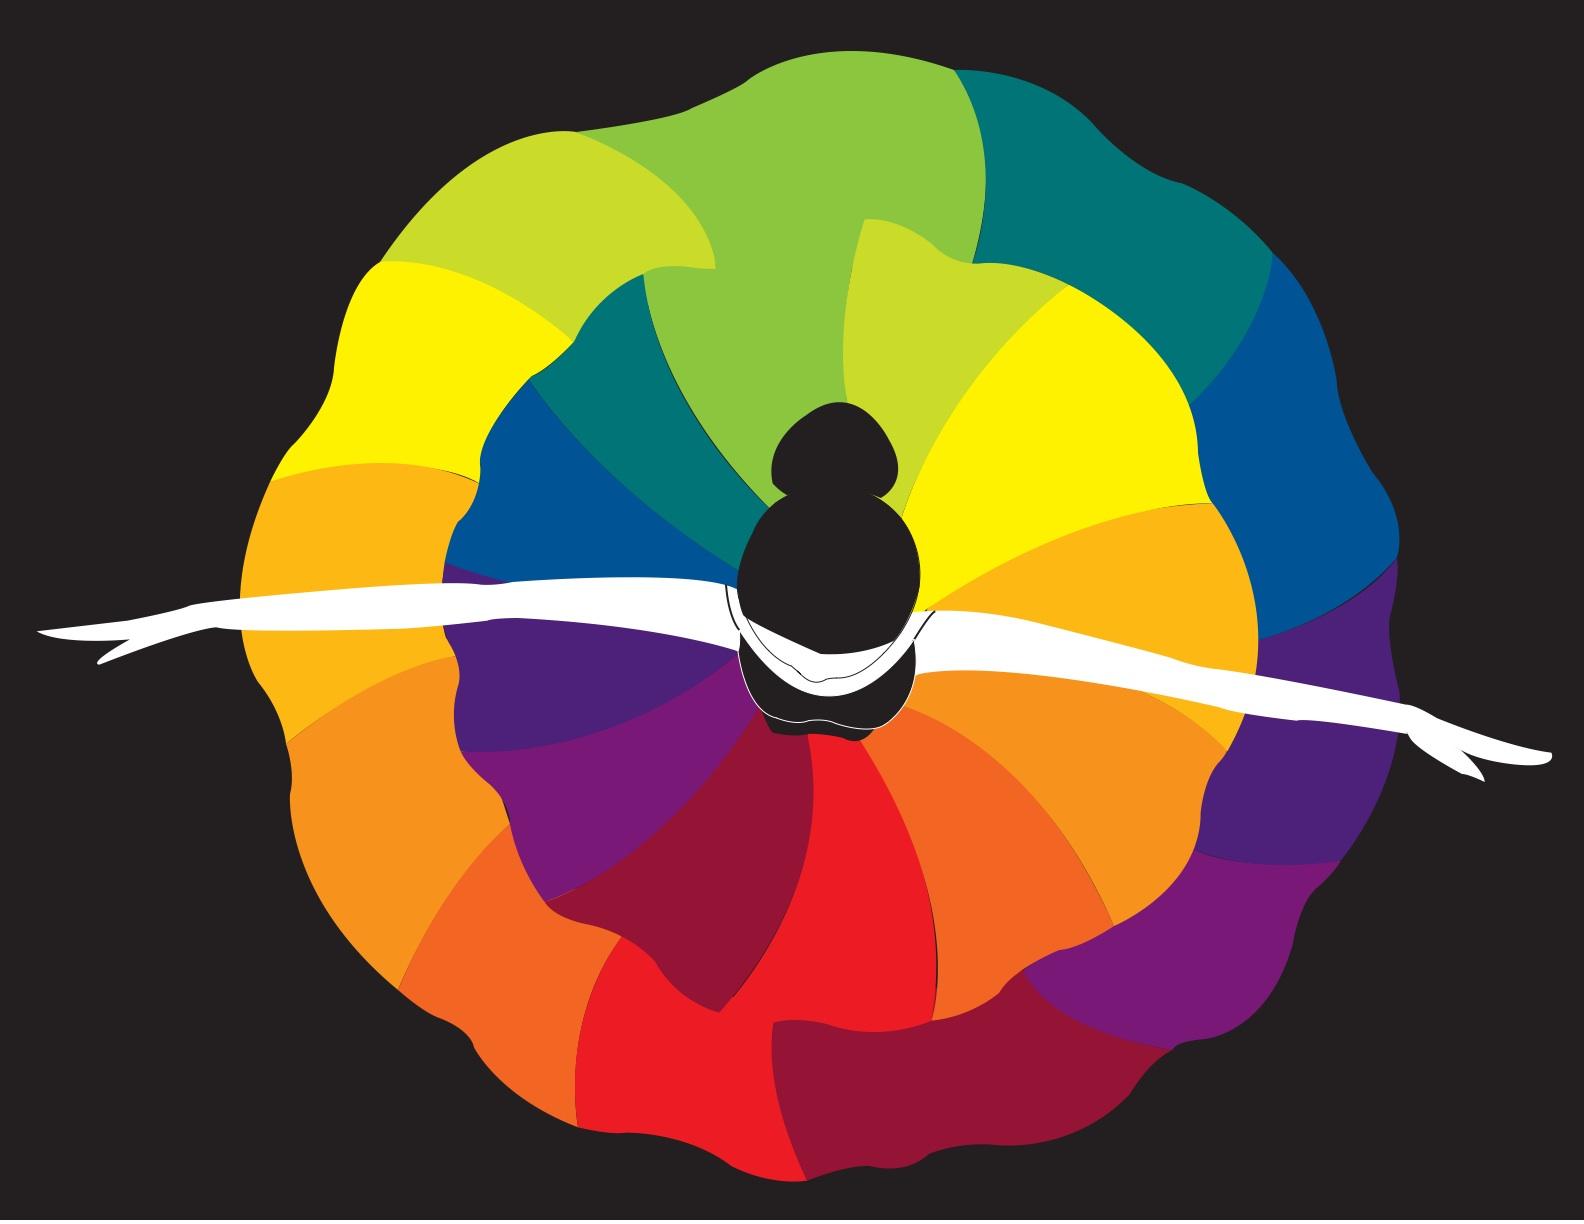 Warna Yang Kontra Penting Untuk Grafik Design